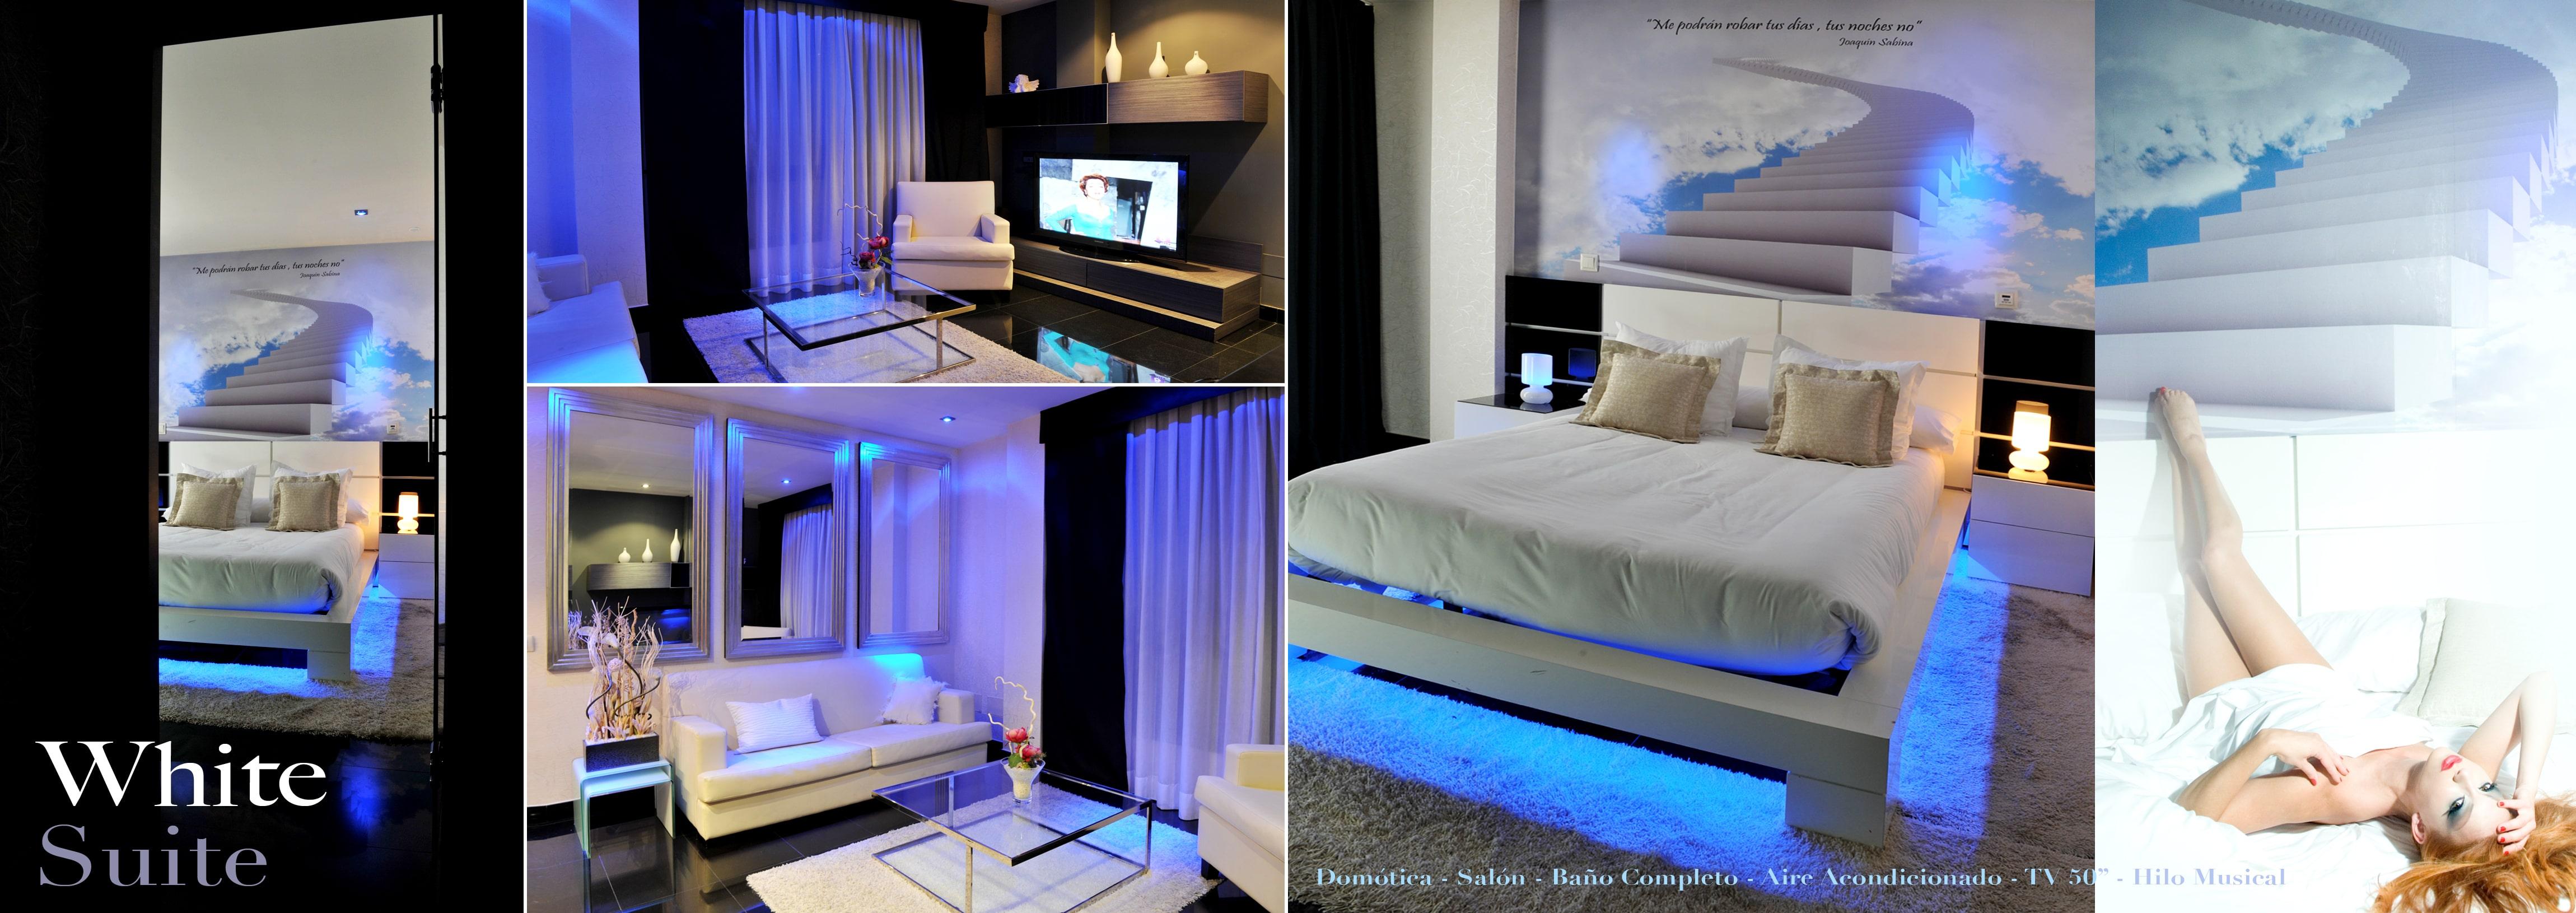 Hotel con encanto en Madrid.